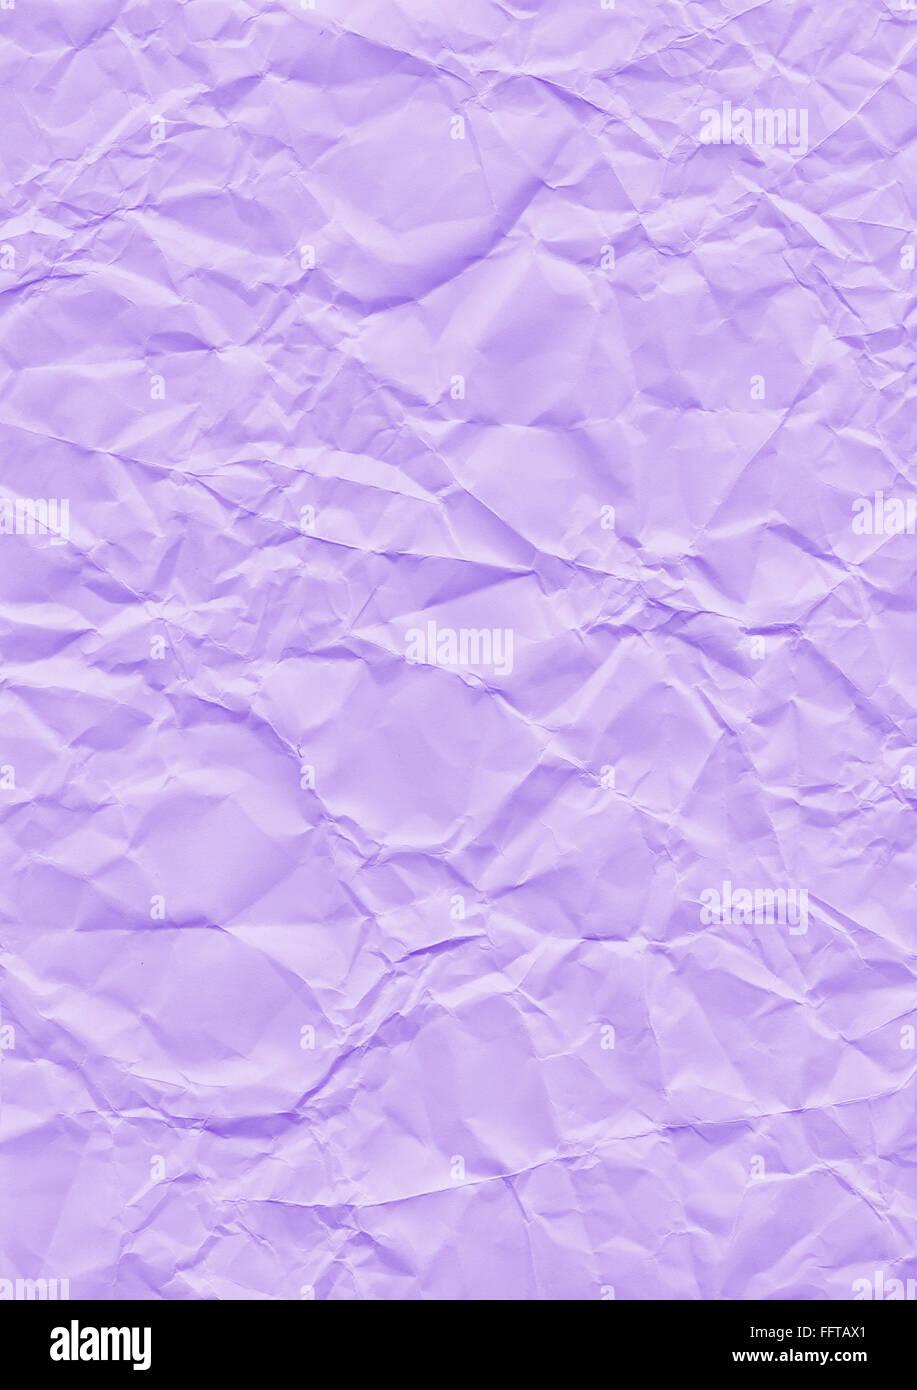 Strickerin Hintergrund Lila Papier Geknickt Knicke Knicken Zerknittert Knautsch Zerknautscht kaputt Gefaltet Falten Stockbild